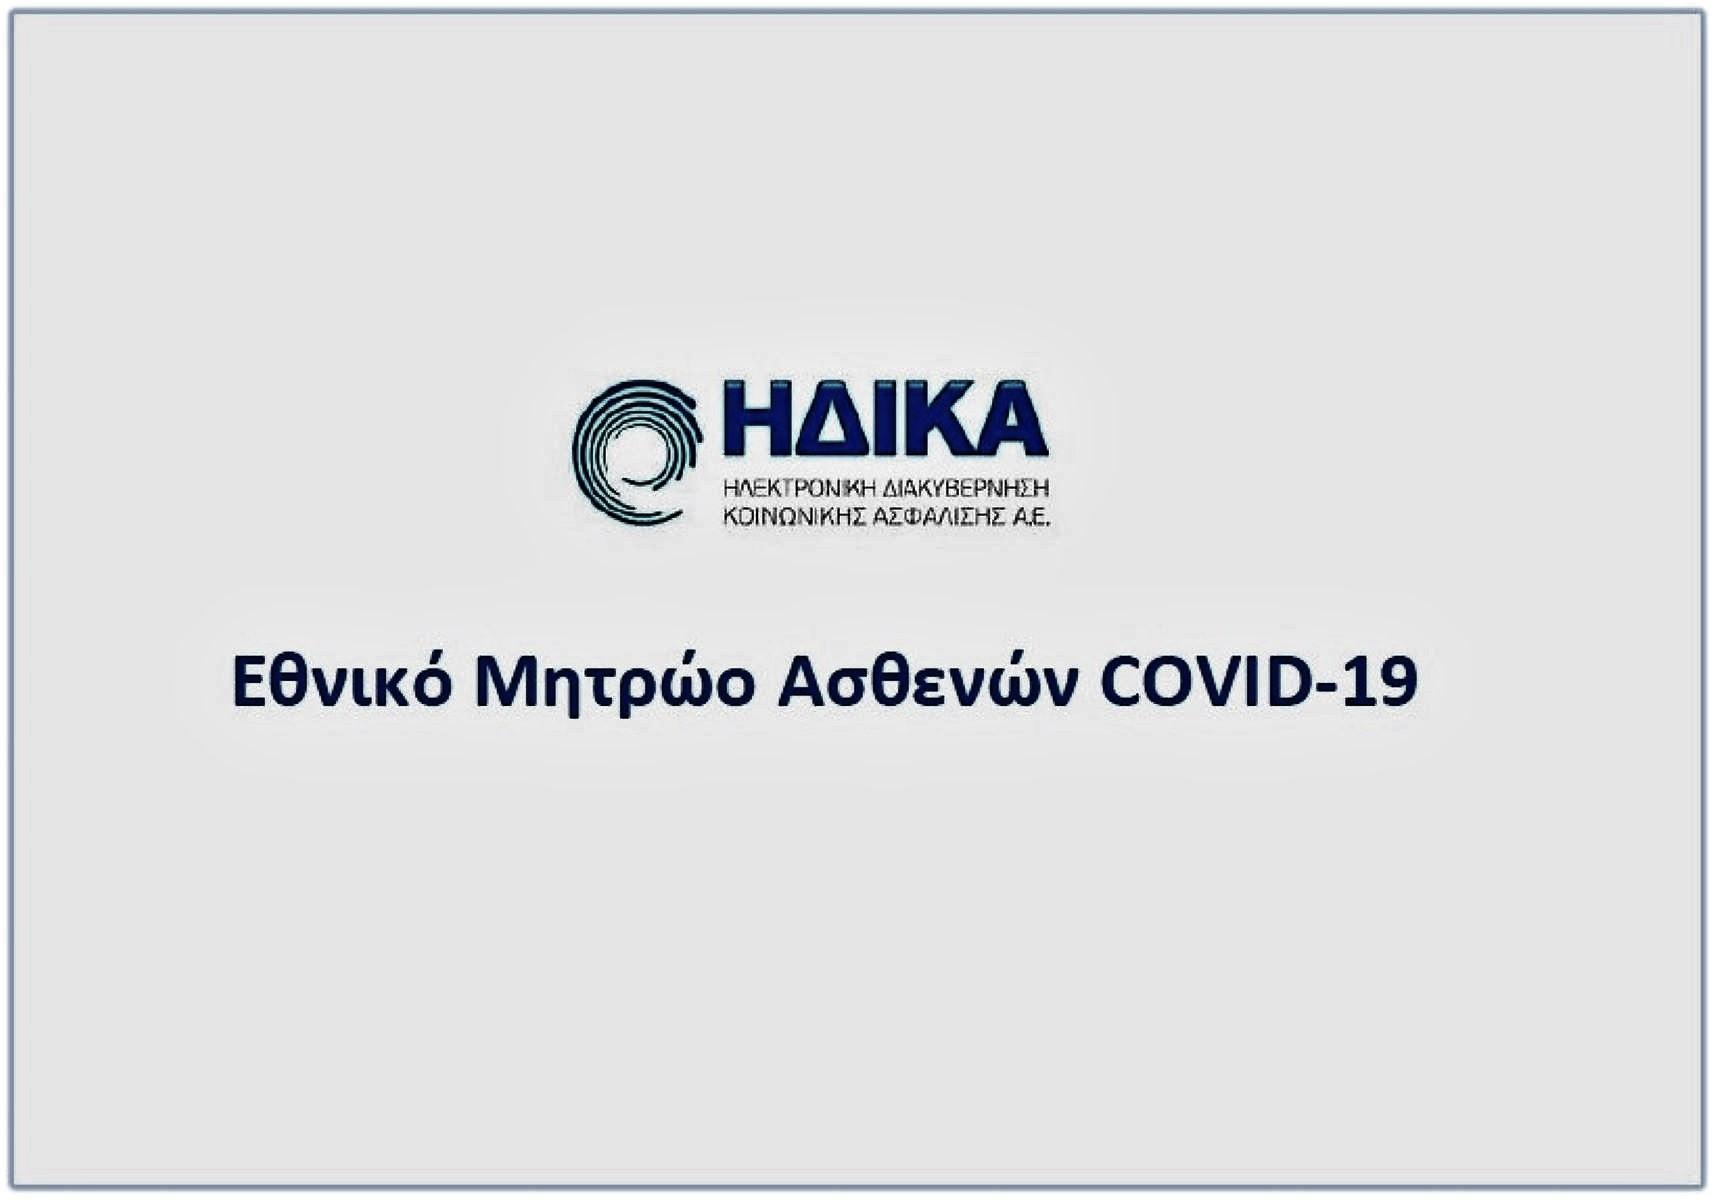 Οι νοσήσαντες από Covid-19 που δεν έχουν δηλωθεί στο Εθνικό Μητρώο